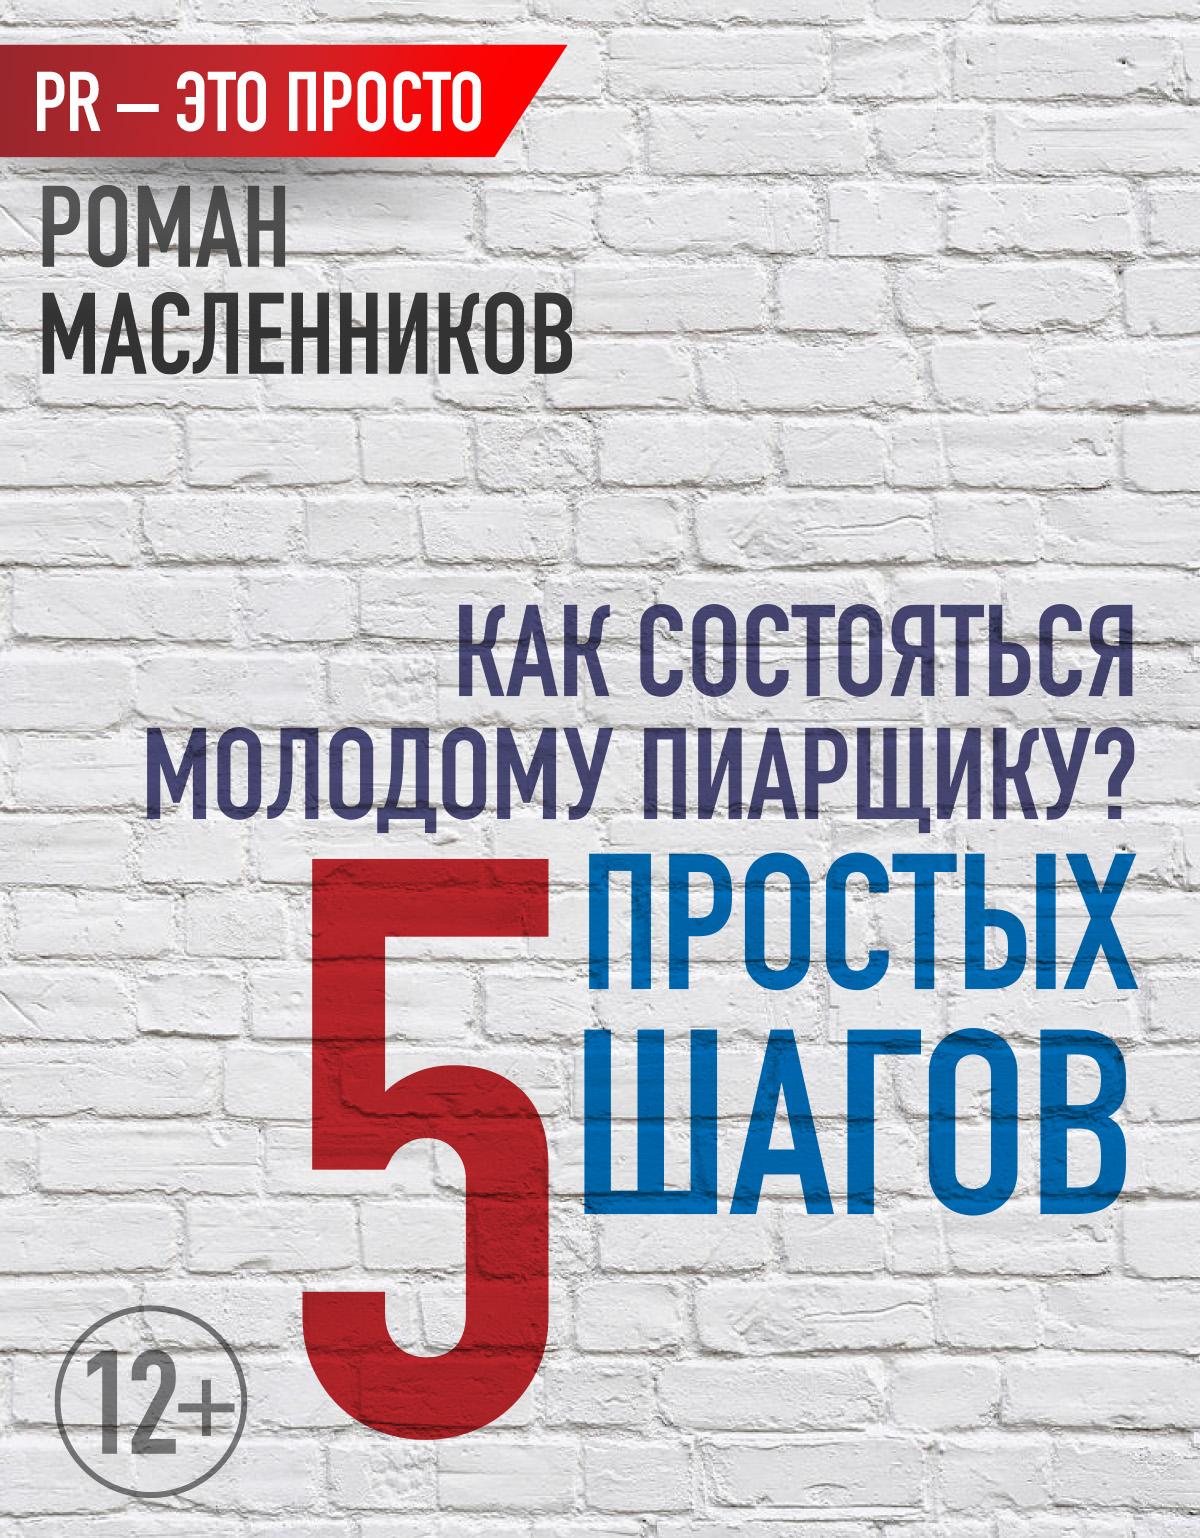 Роман Масленников Как состояться молодому пиарщику? 5простых шагов